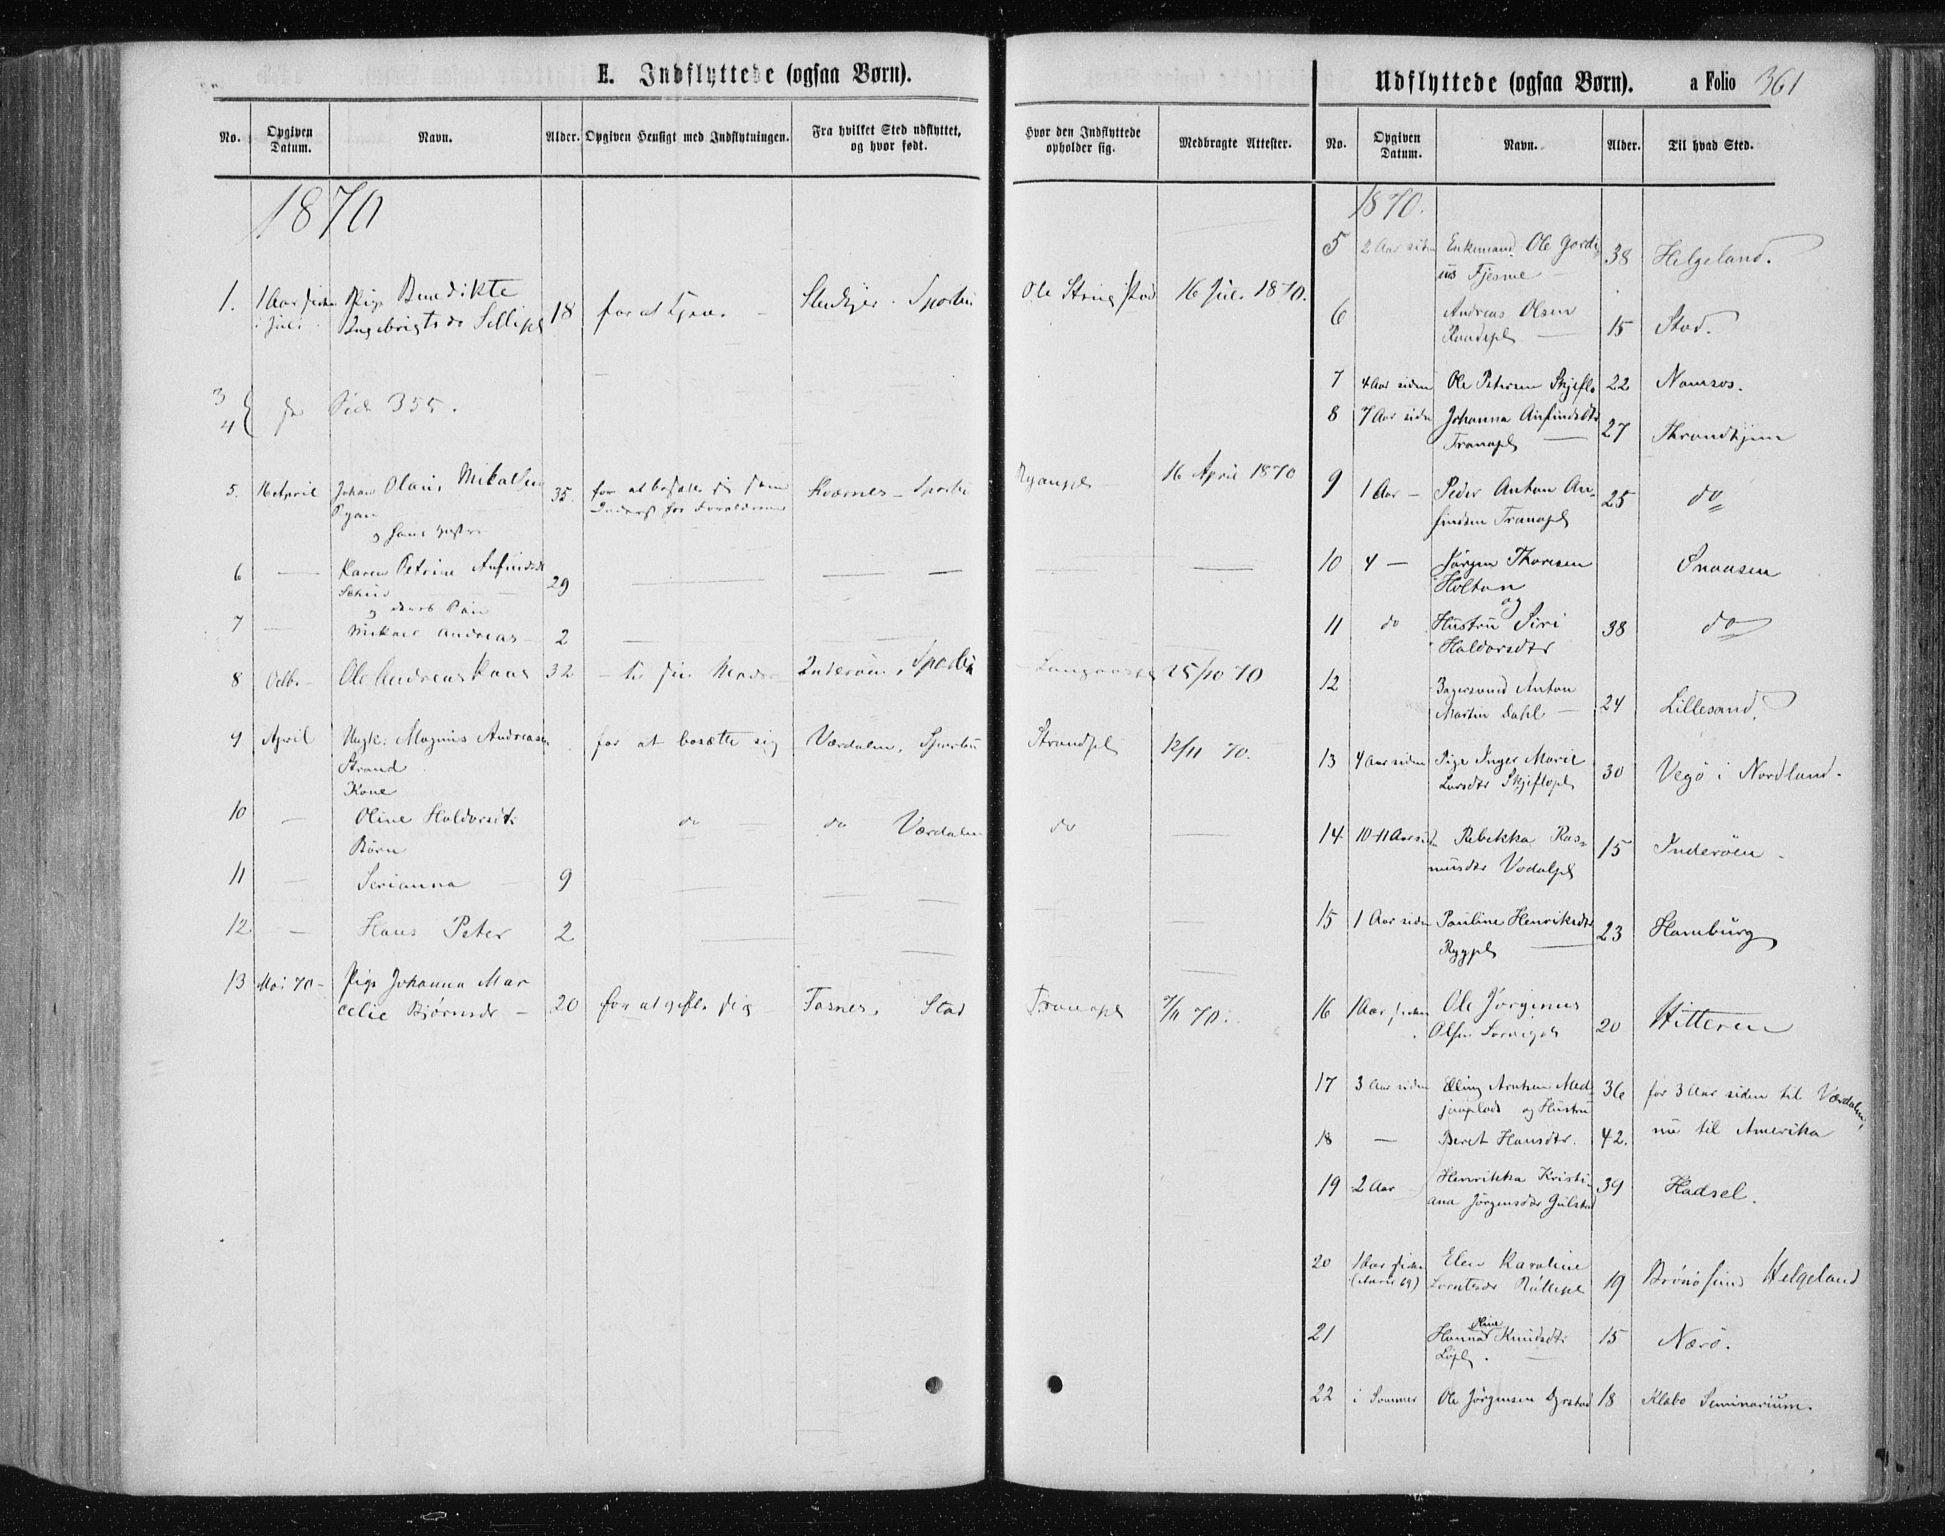 SAT, Ministerialprotokoller, klokkerbøker og fødselsregistre - Nord-Trøndelag, 735/L0345: Ministerialbok nr. 735A08 /1, 1863-1872, s. 361